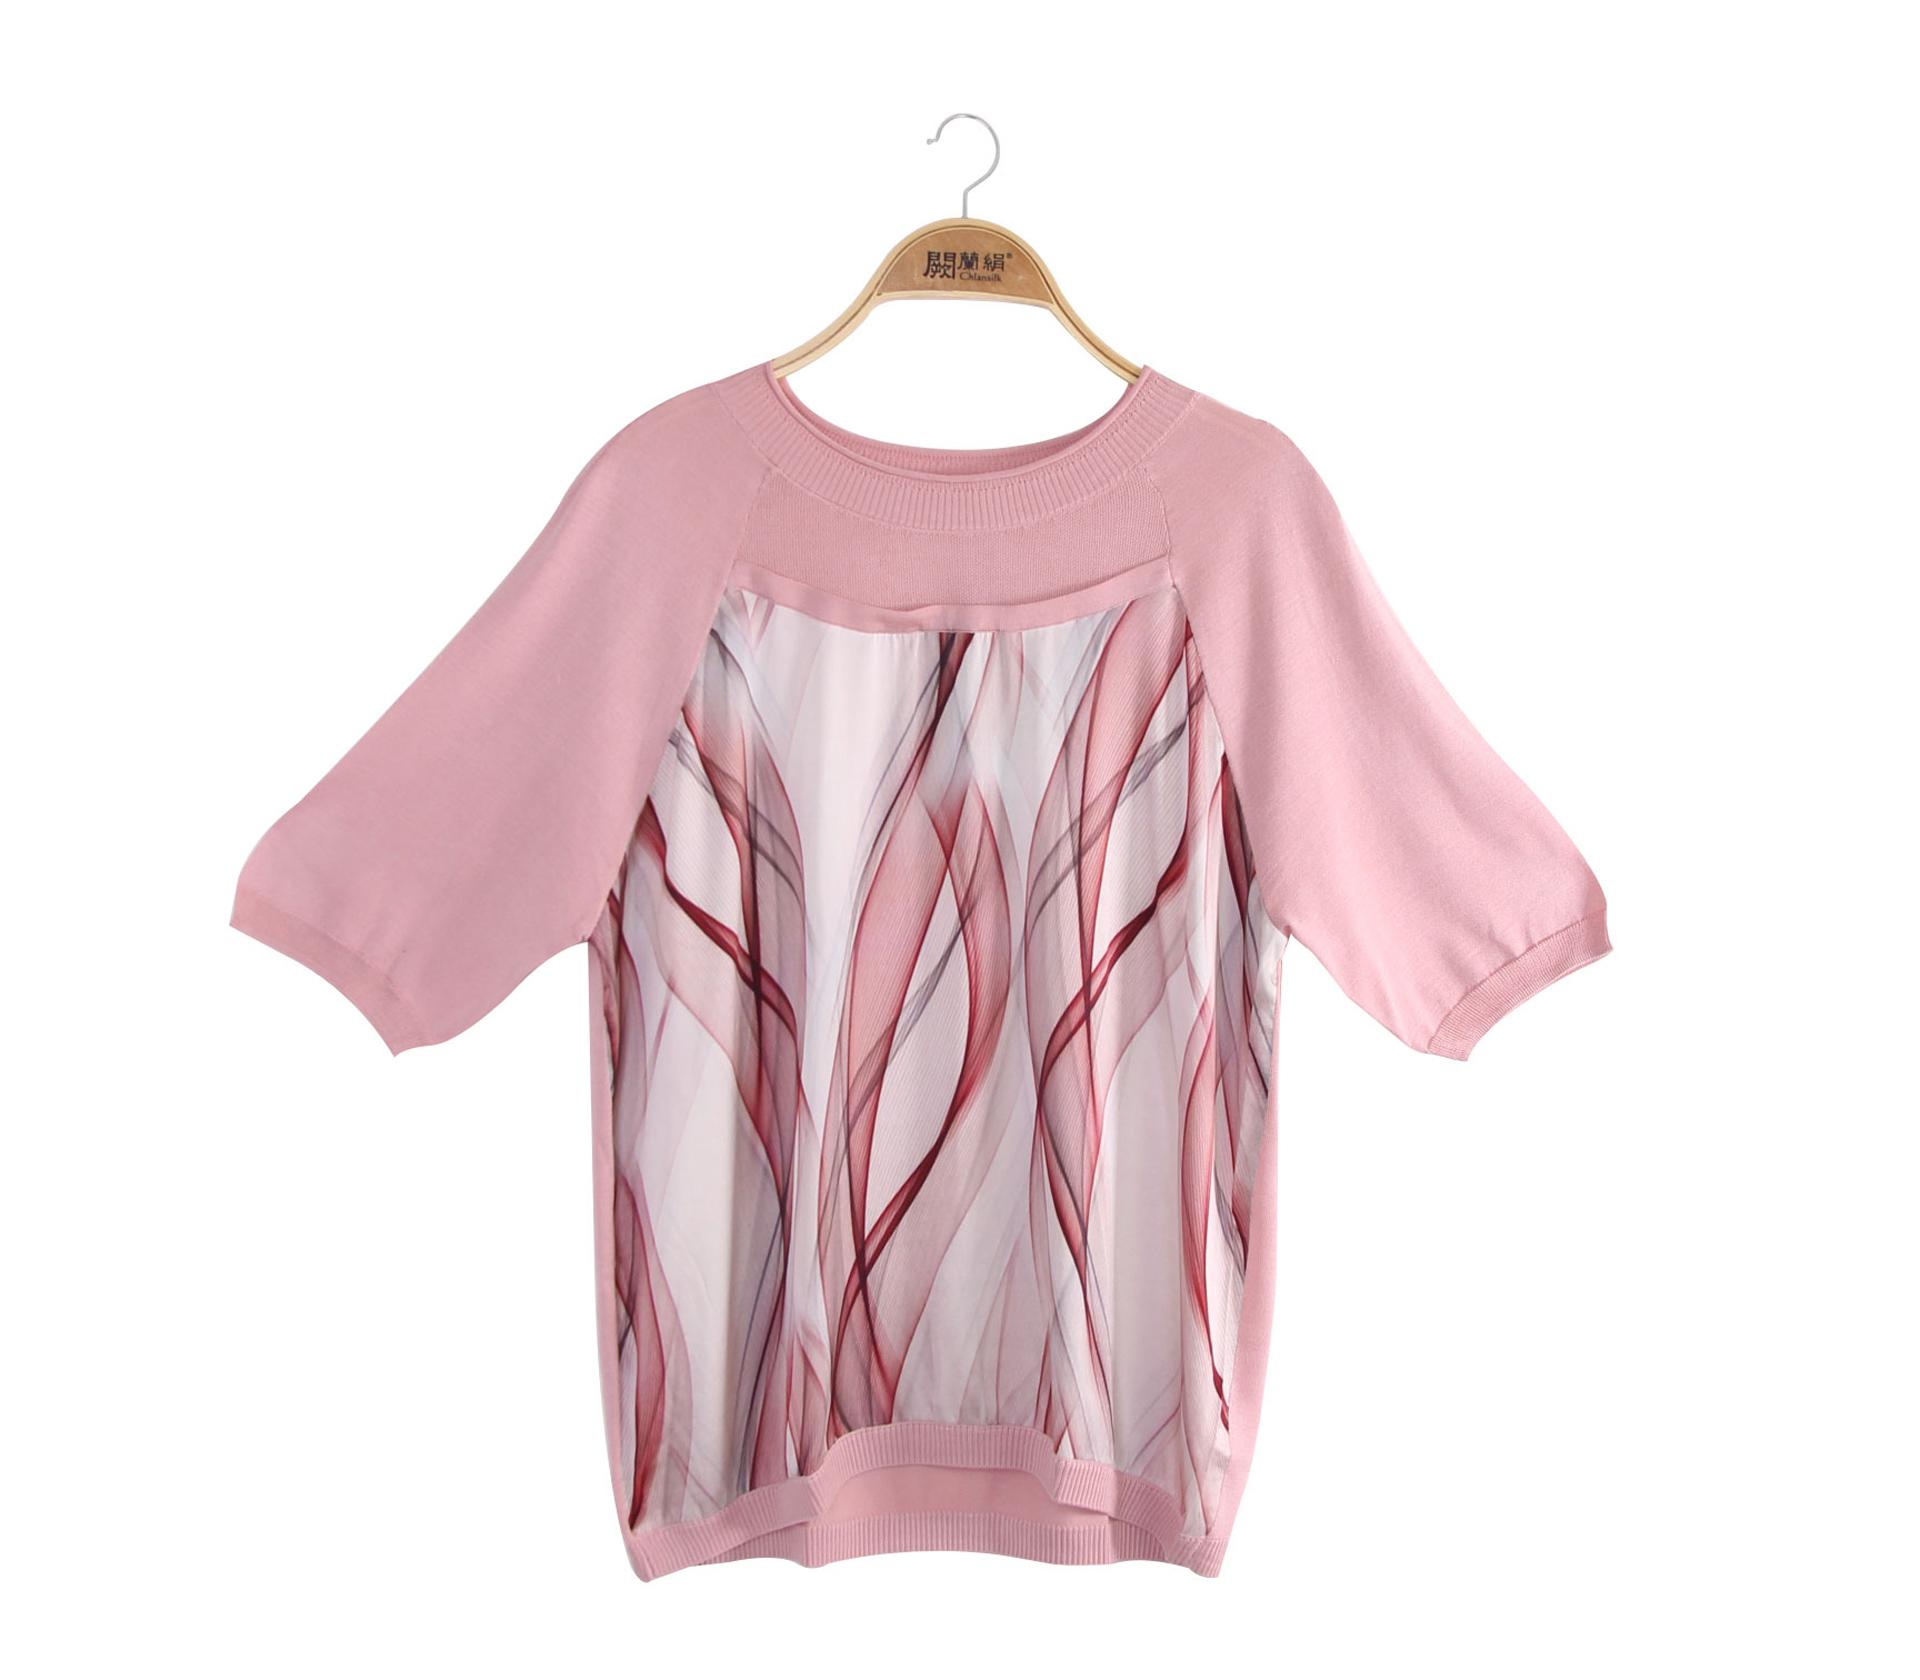 闕蘭絹拼接雪紡水波紋蠶絲針織上衣 - 粉色 - 6623